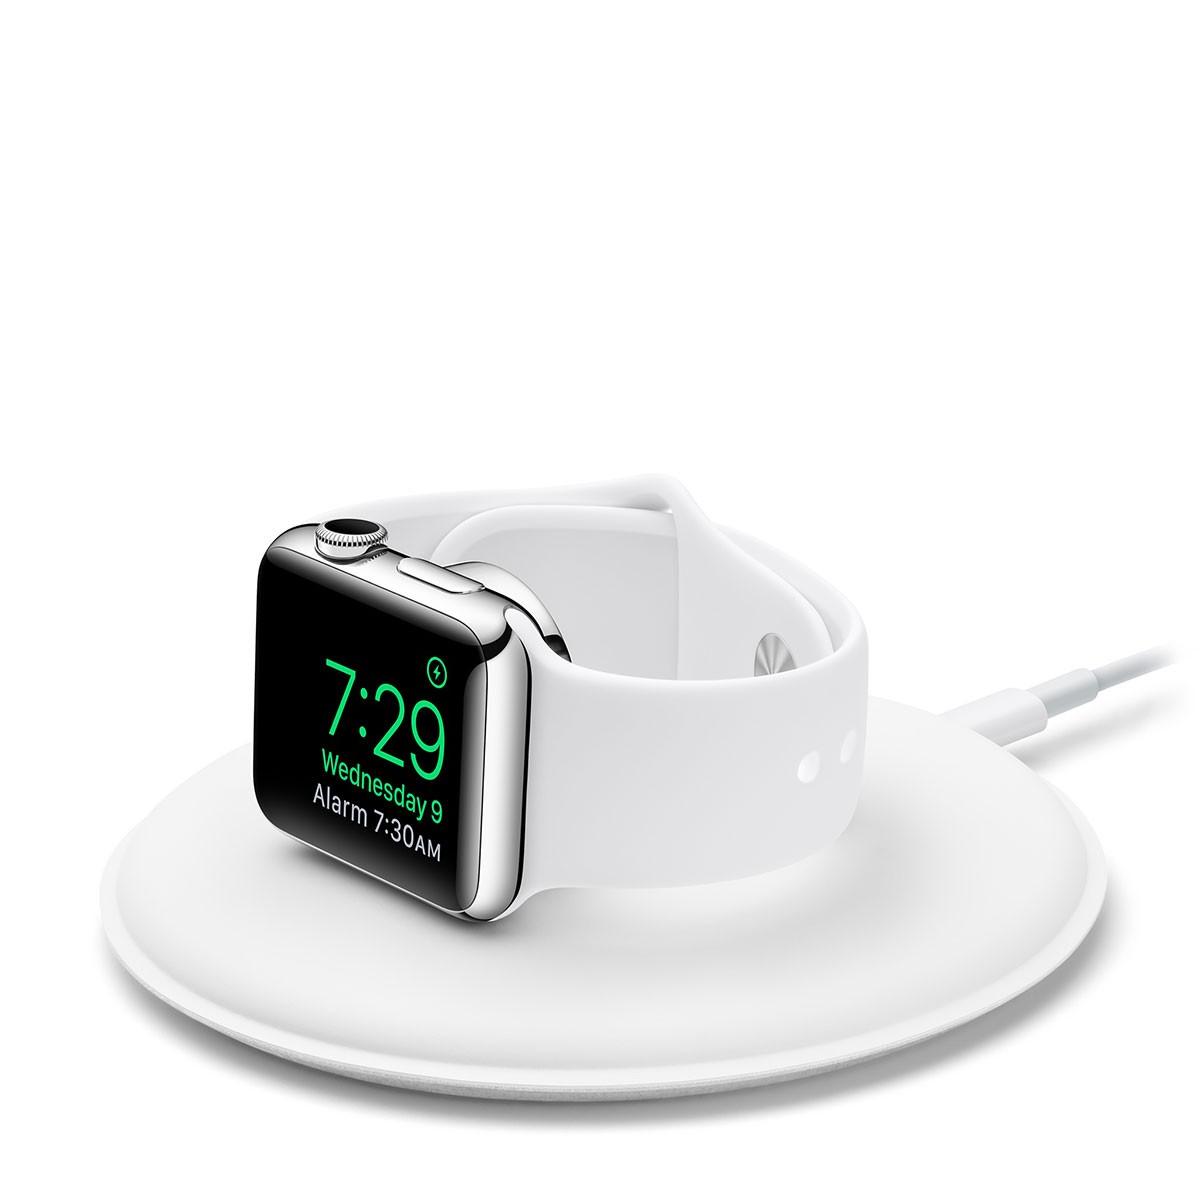 Apple magnetický nabíjecí dok pro Apple Watch